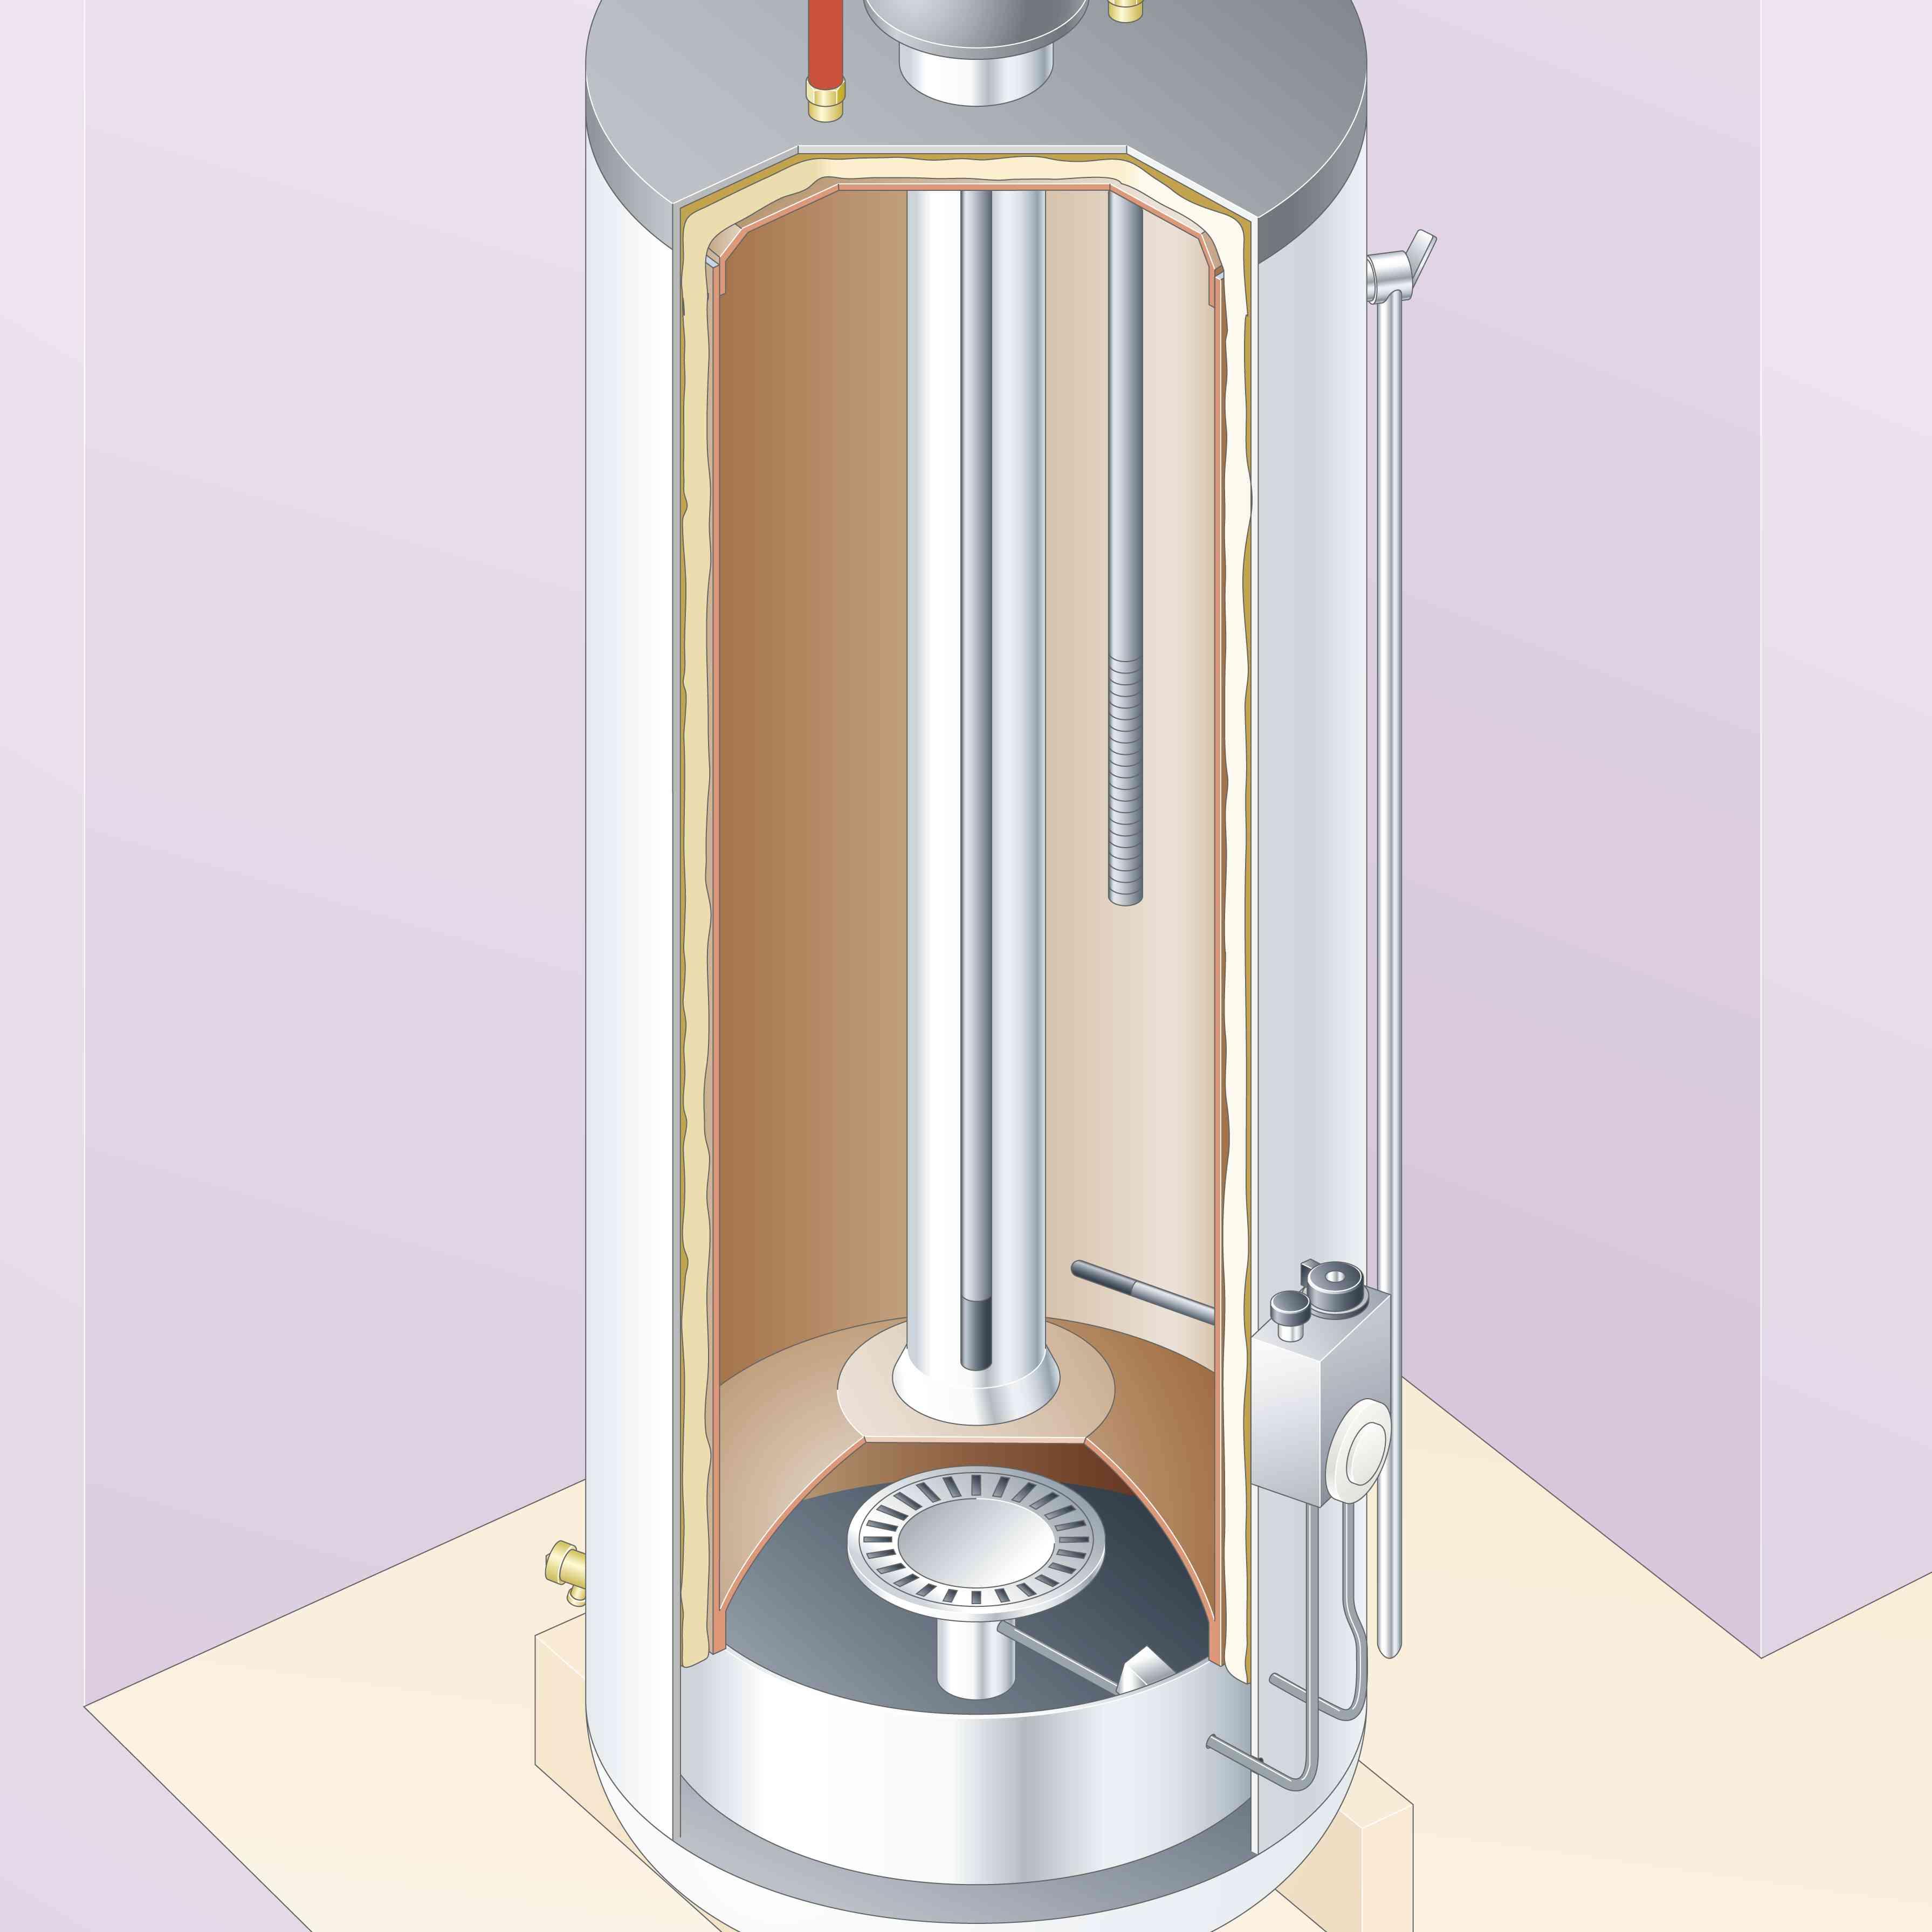 Inside of a gas hot water heater, flue